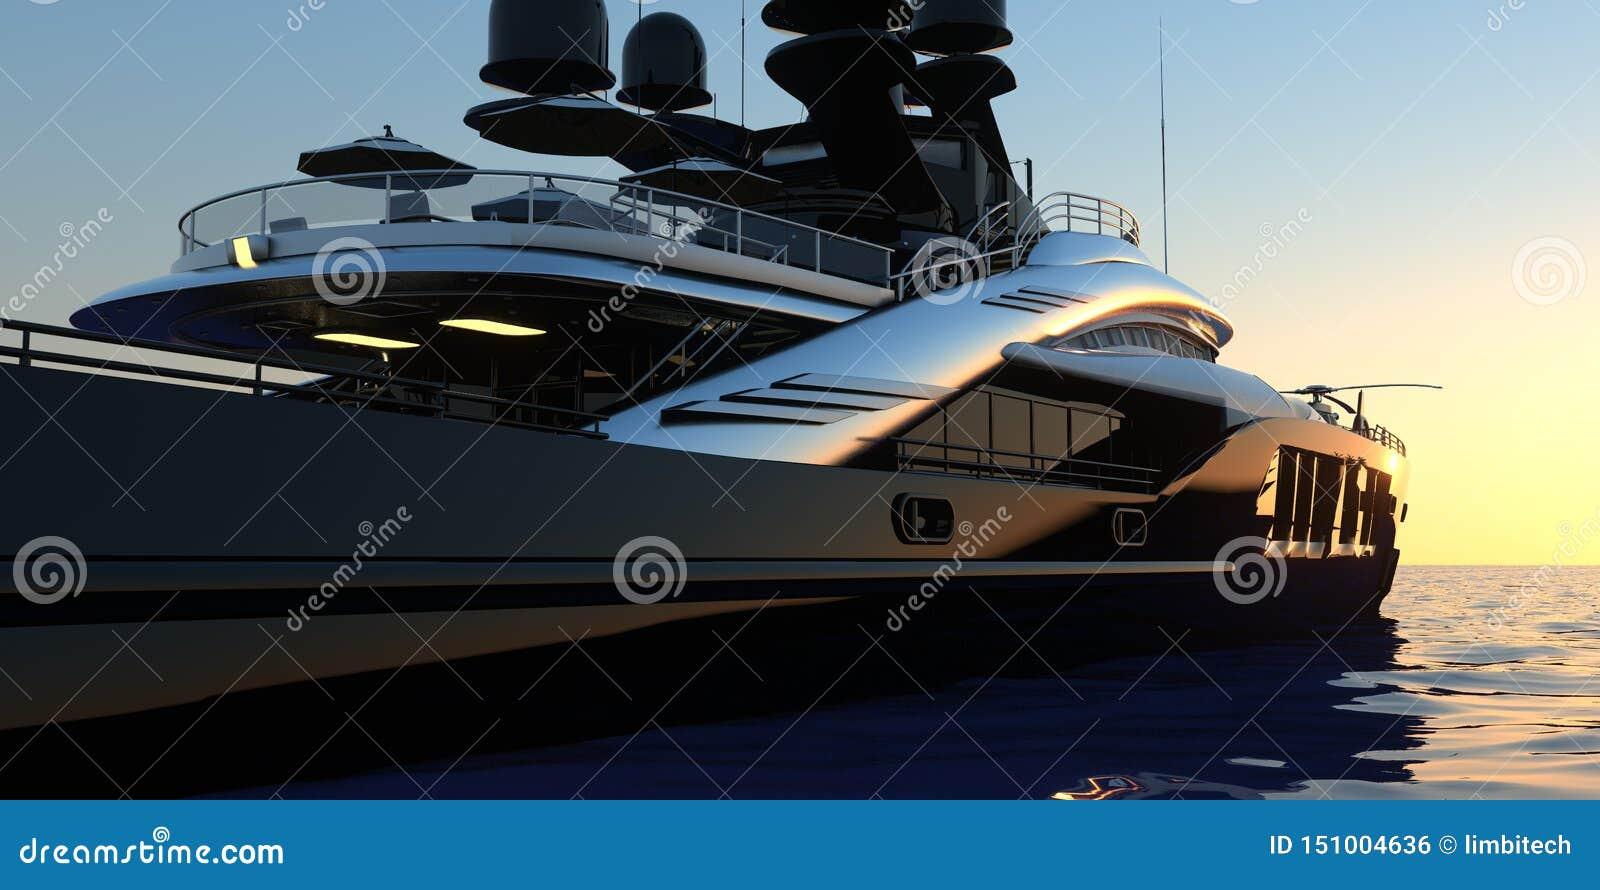 L yacht eccellente di lusso estremamente ha dettagliato ed illustrazione di alta risoluzione realistica 3D